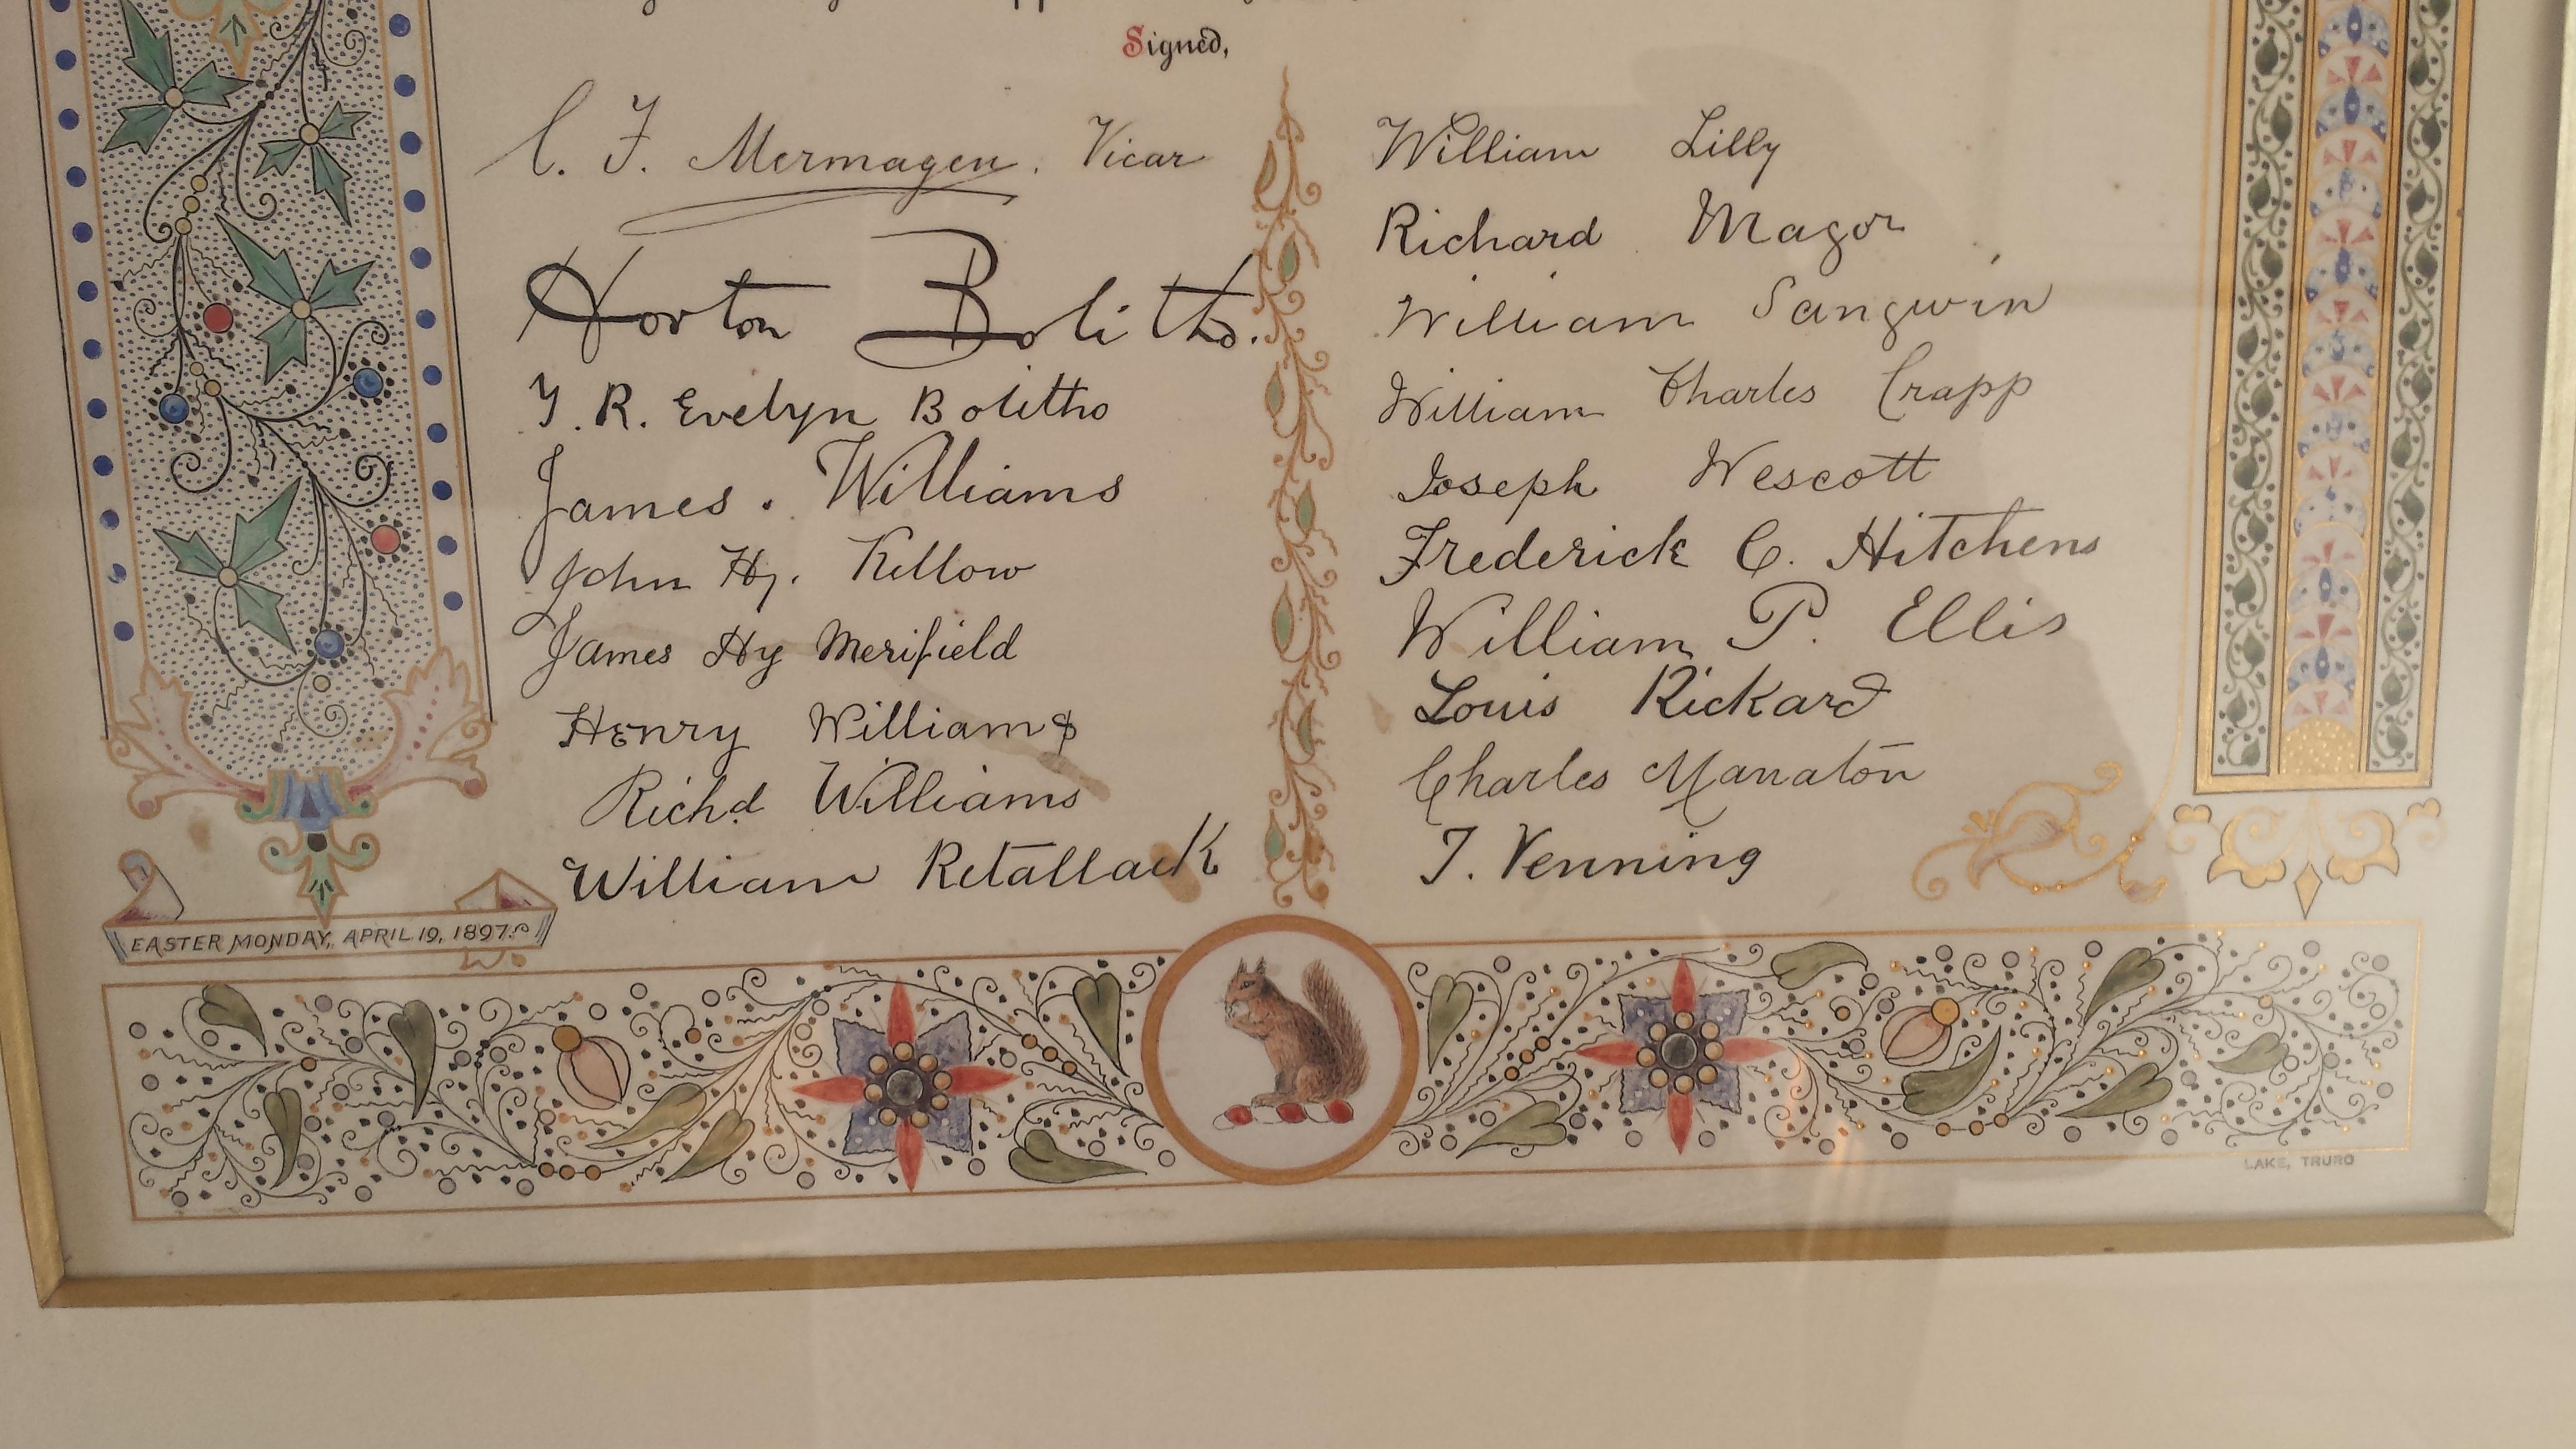 Signatures of parishioners